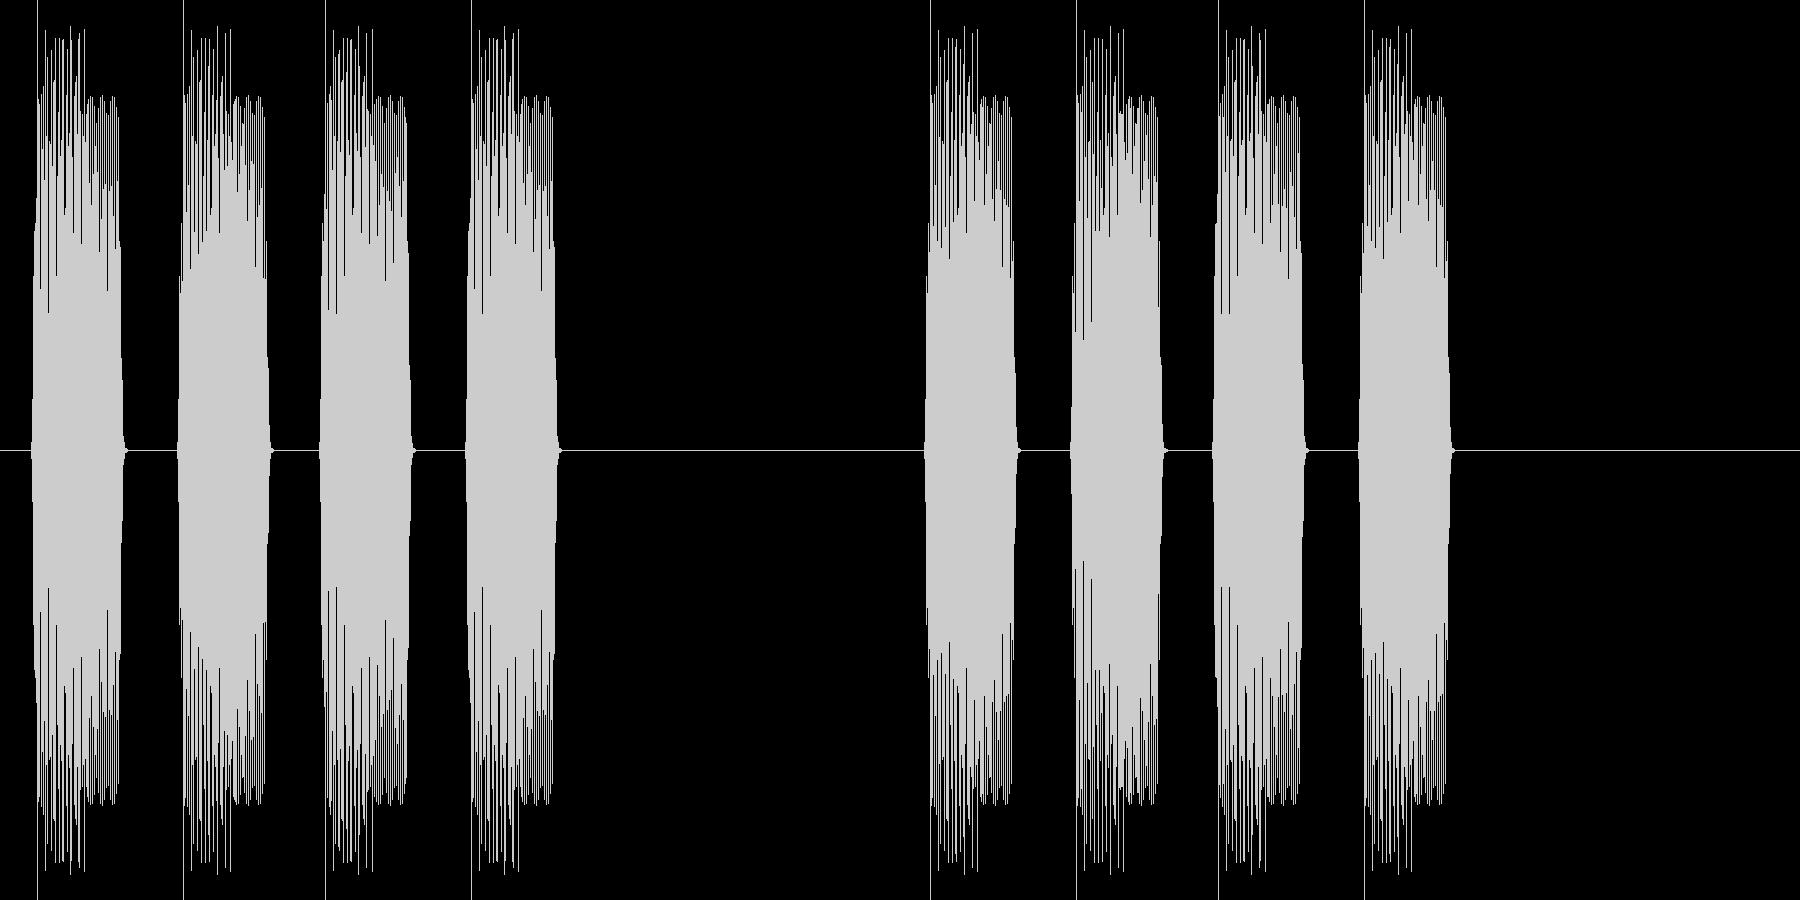 速報(ピピピピッ、ピピピピッ)の未再生の波形